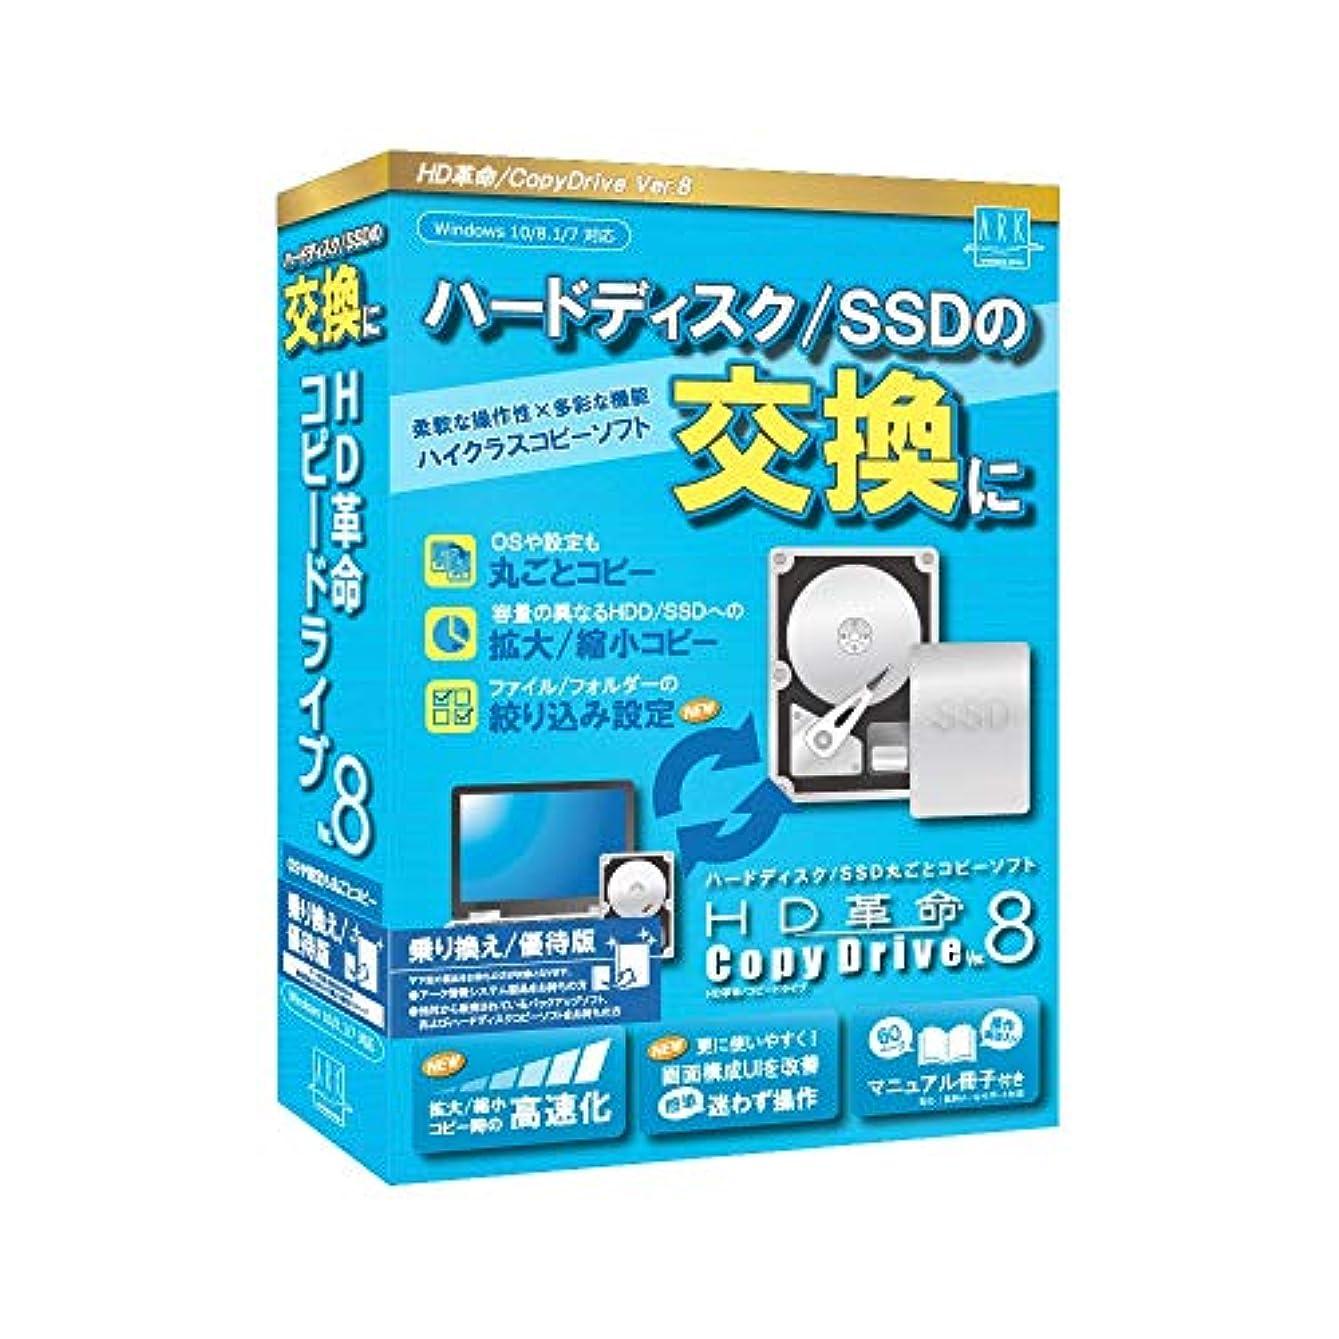 操作不健康望まない【最新版】HD革命/CopyDrive8_乗り換え/優待版 ハードディスク SSD 入れ替え 交換 まるごとコピーソフト コピードライブ